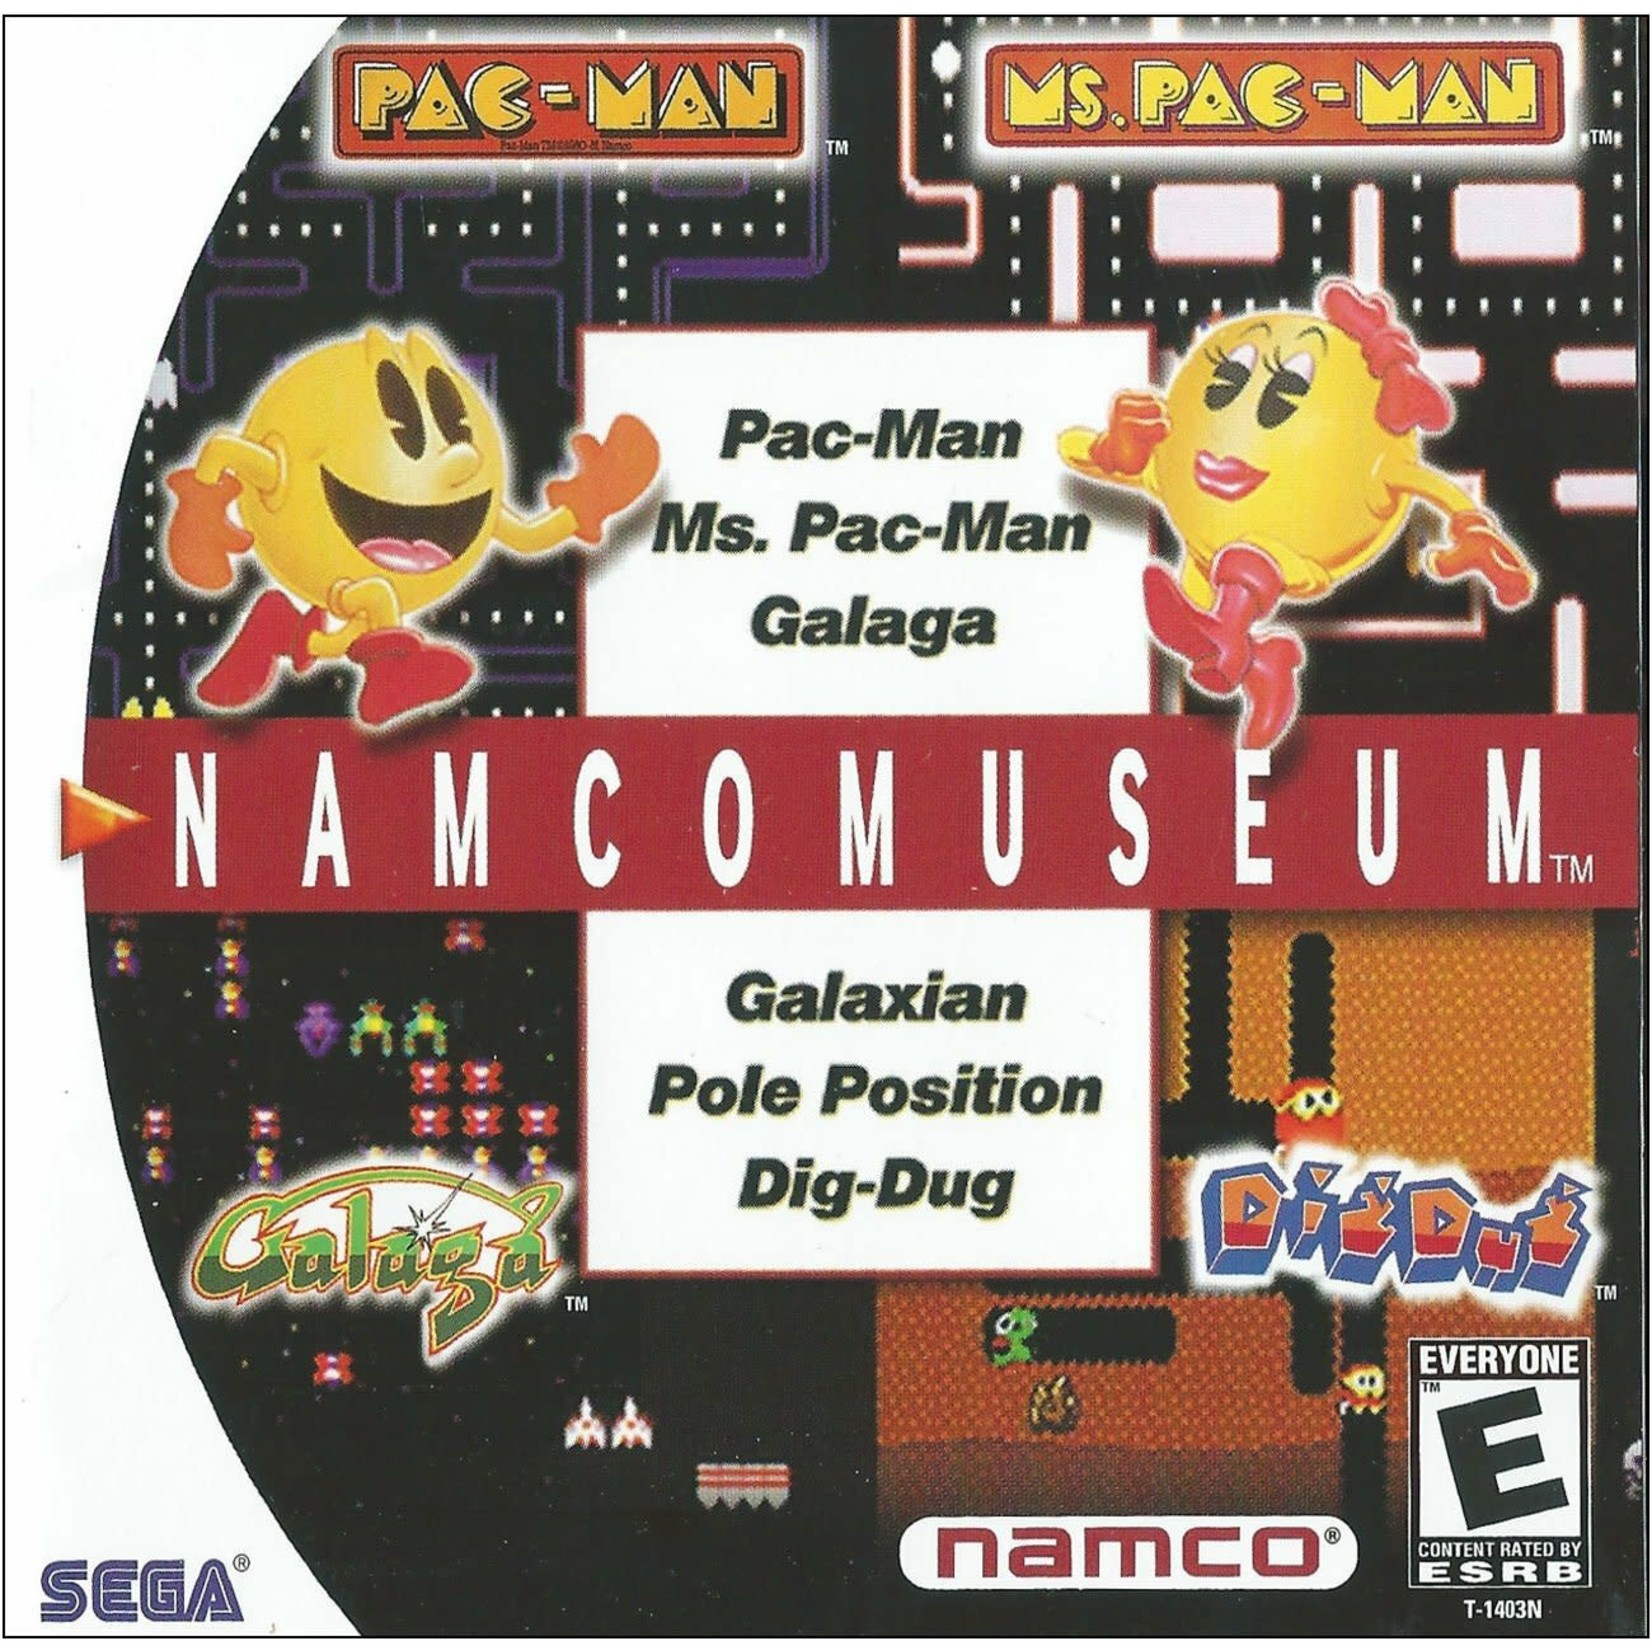 SDCU-Namco Museum